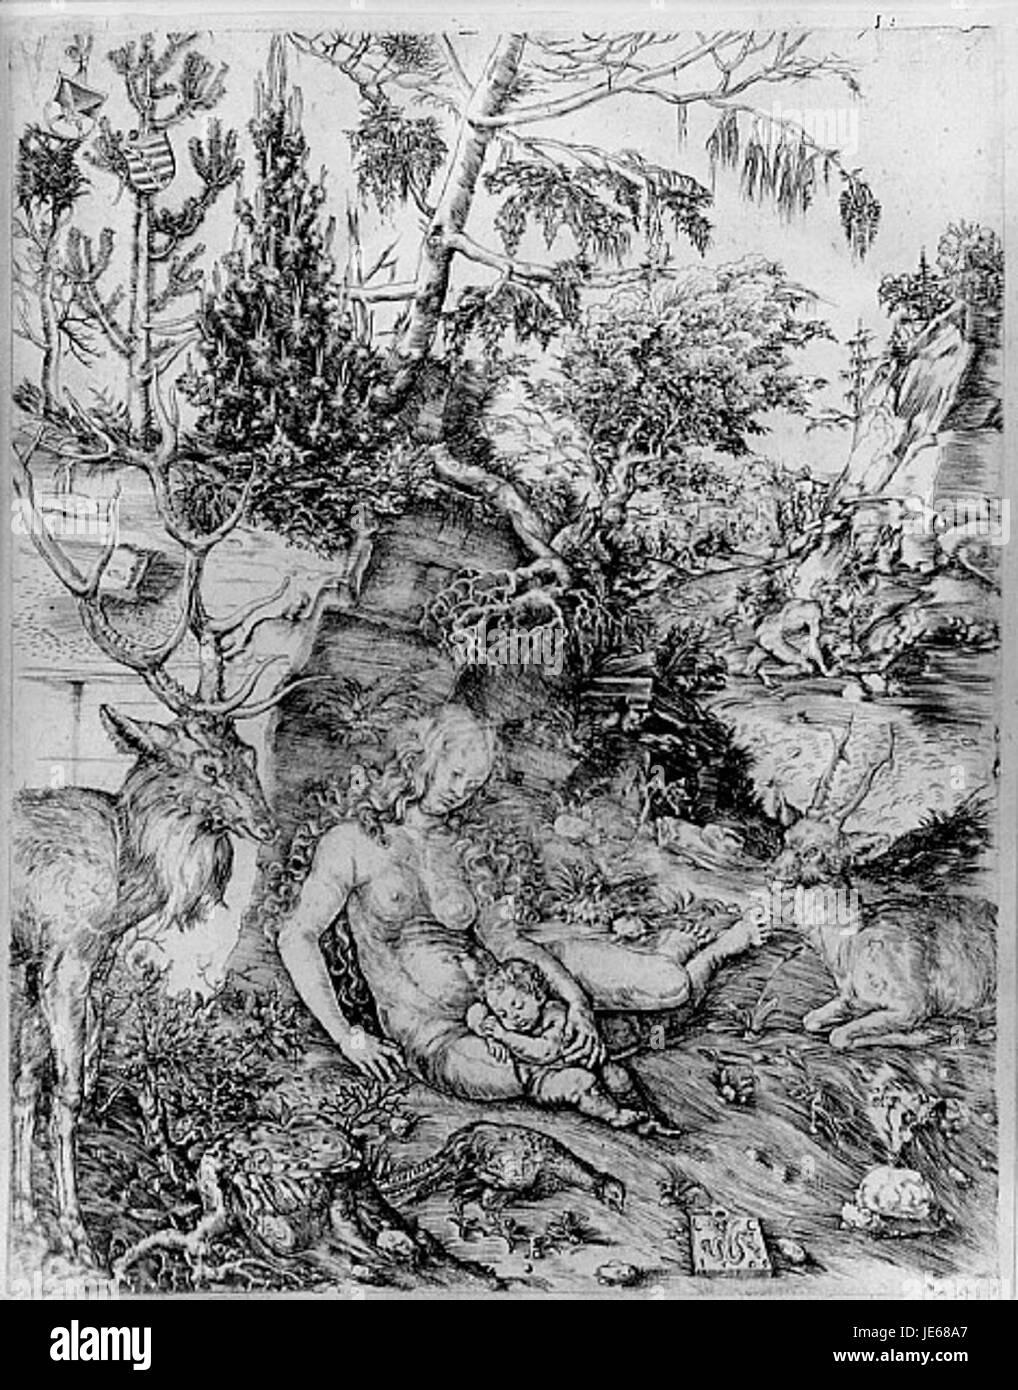 Lucas Cranach the Elder - The Penance of St. John Chrysostom - Stock Image